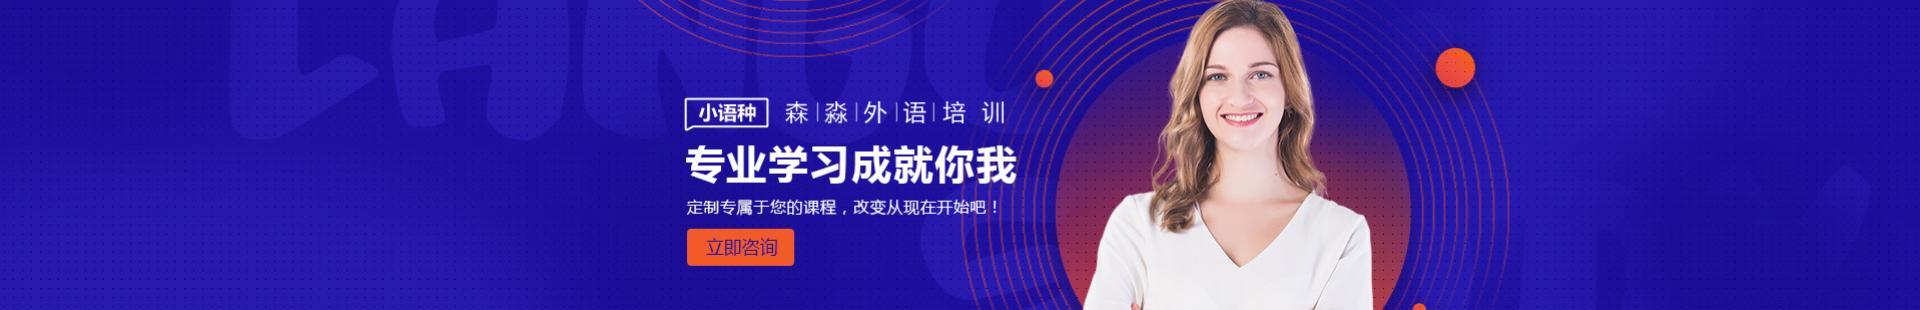 上海森淼天琴培训学校